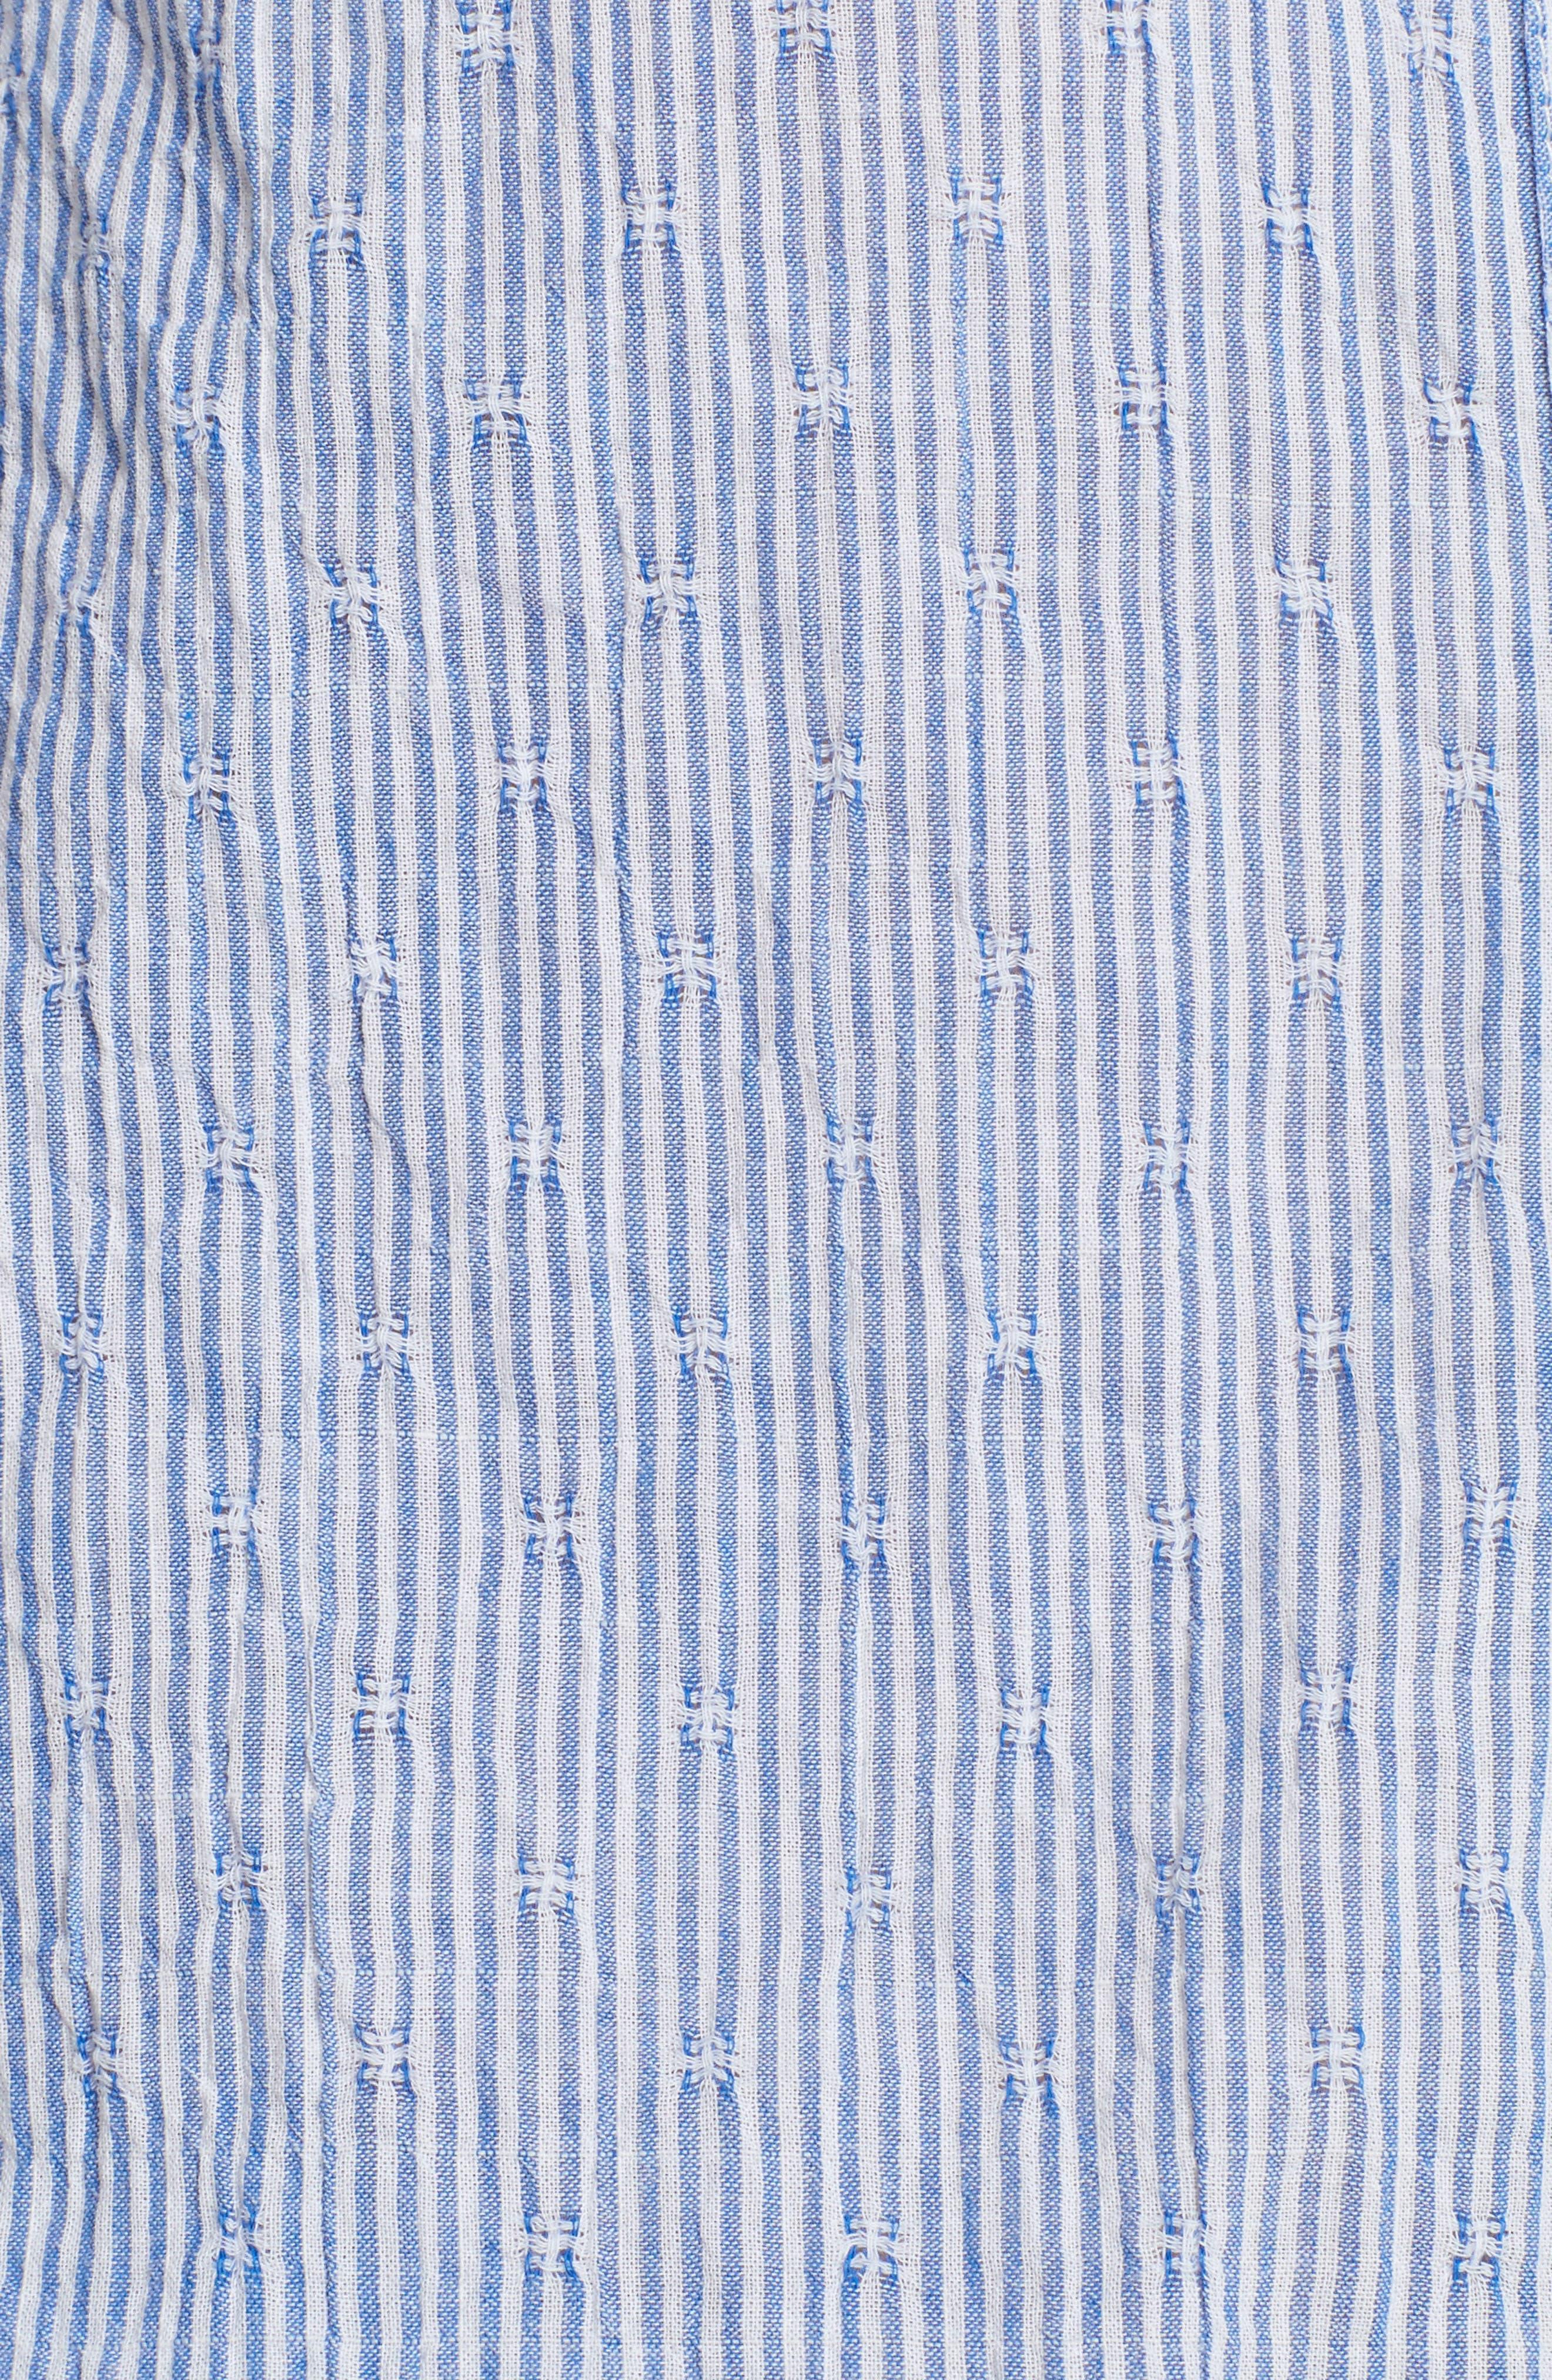 No Limits Stripe Stretch Cotton Shirt,                             Alternate thumbnail 5, color,                             Blue